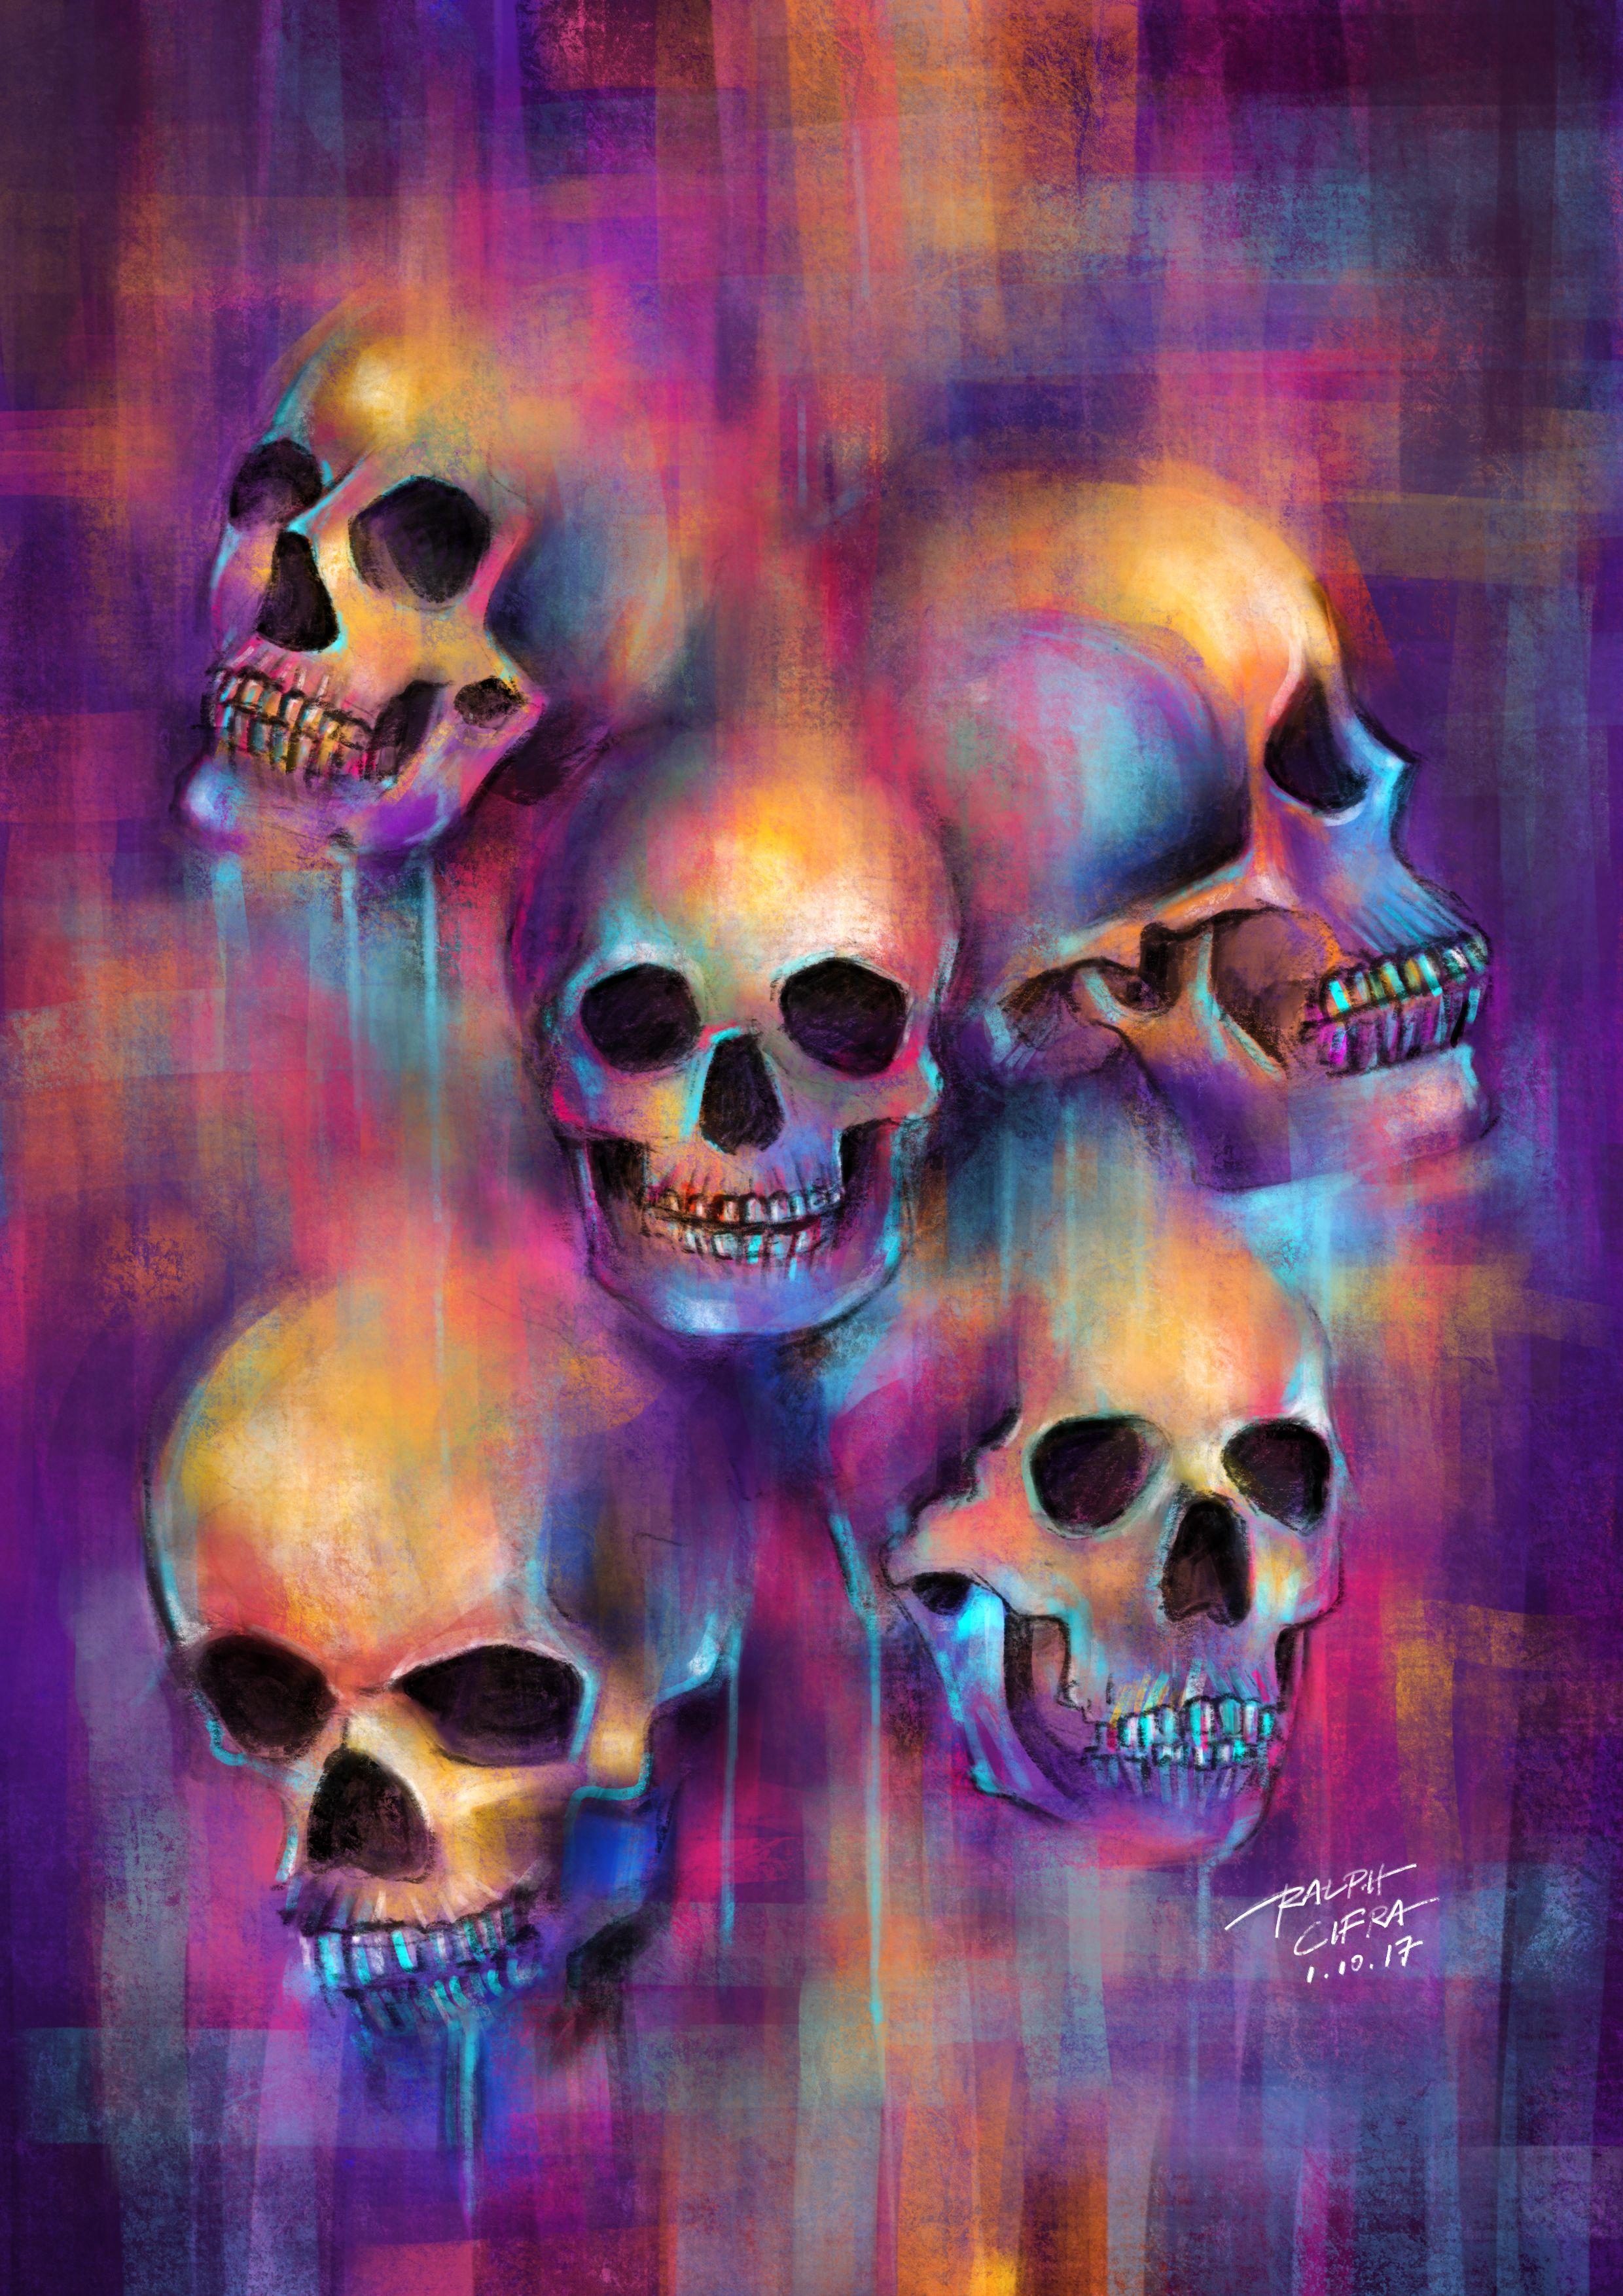 neon skulls painting on